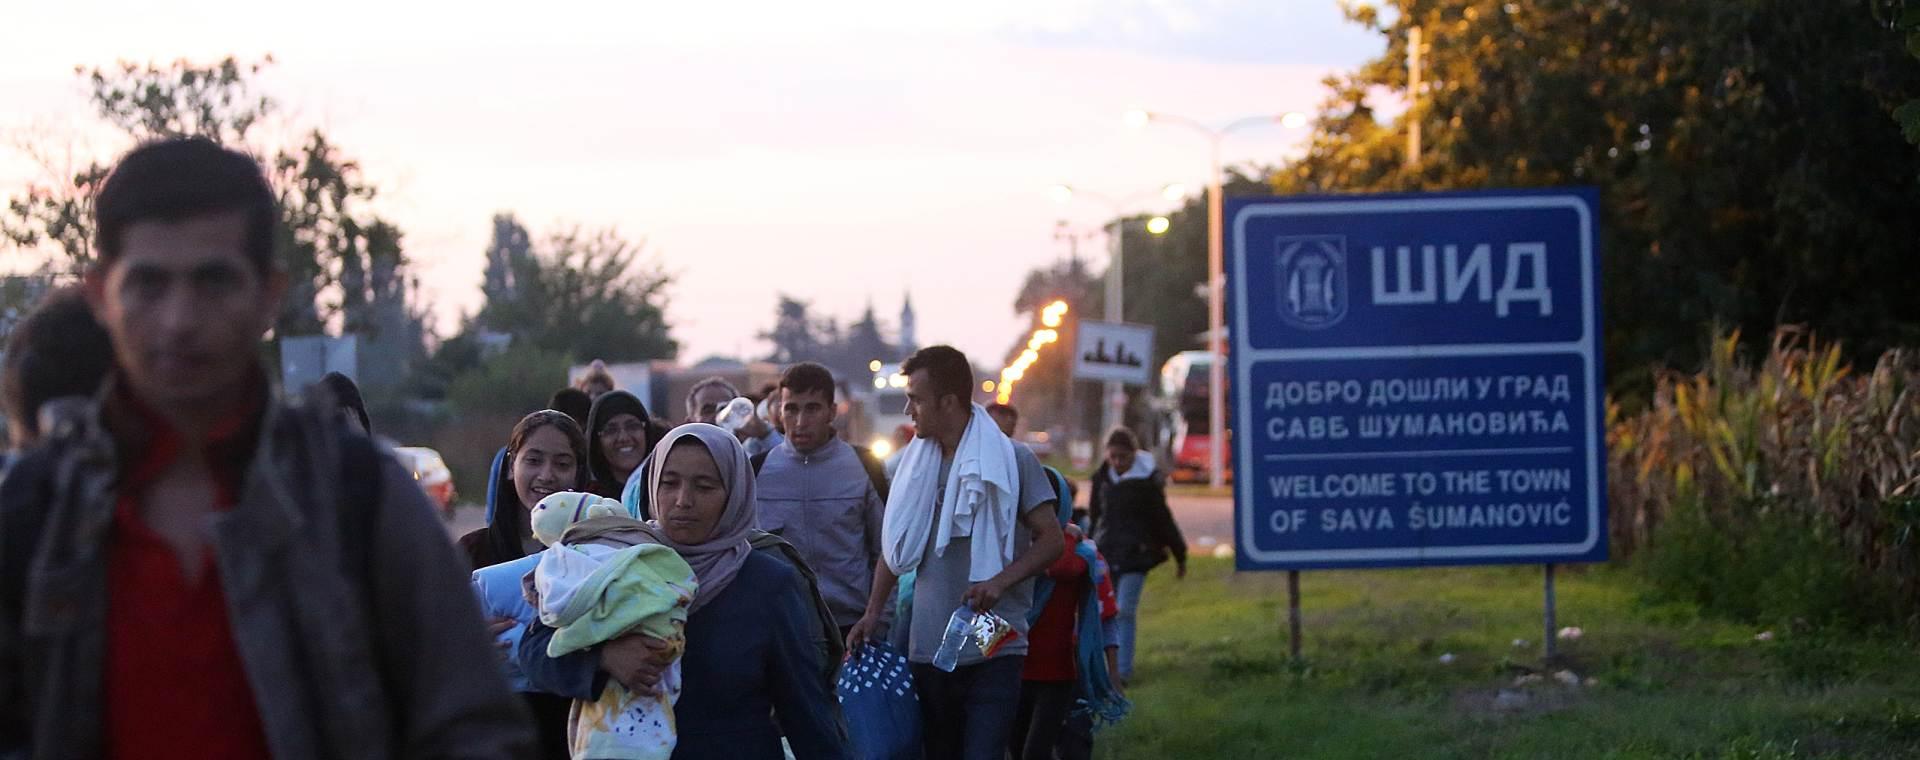 IZBJEGLIČKA KRIZA Kolone iscrpljenih izbjeglica ulaze u Hrvatsku